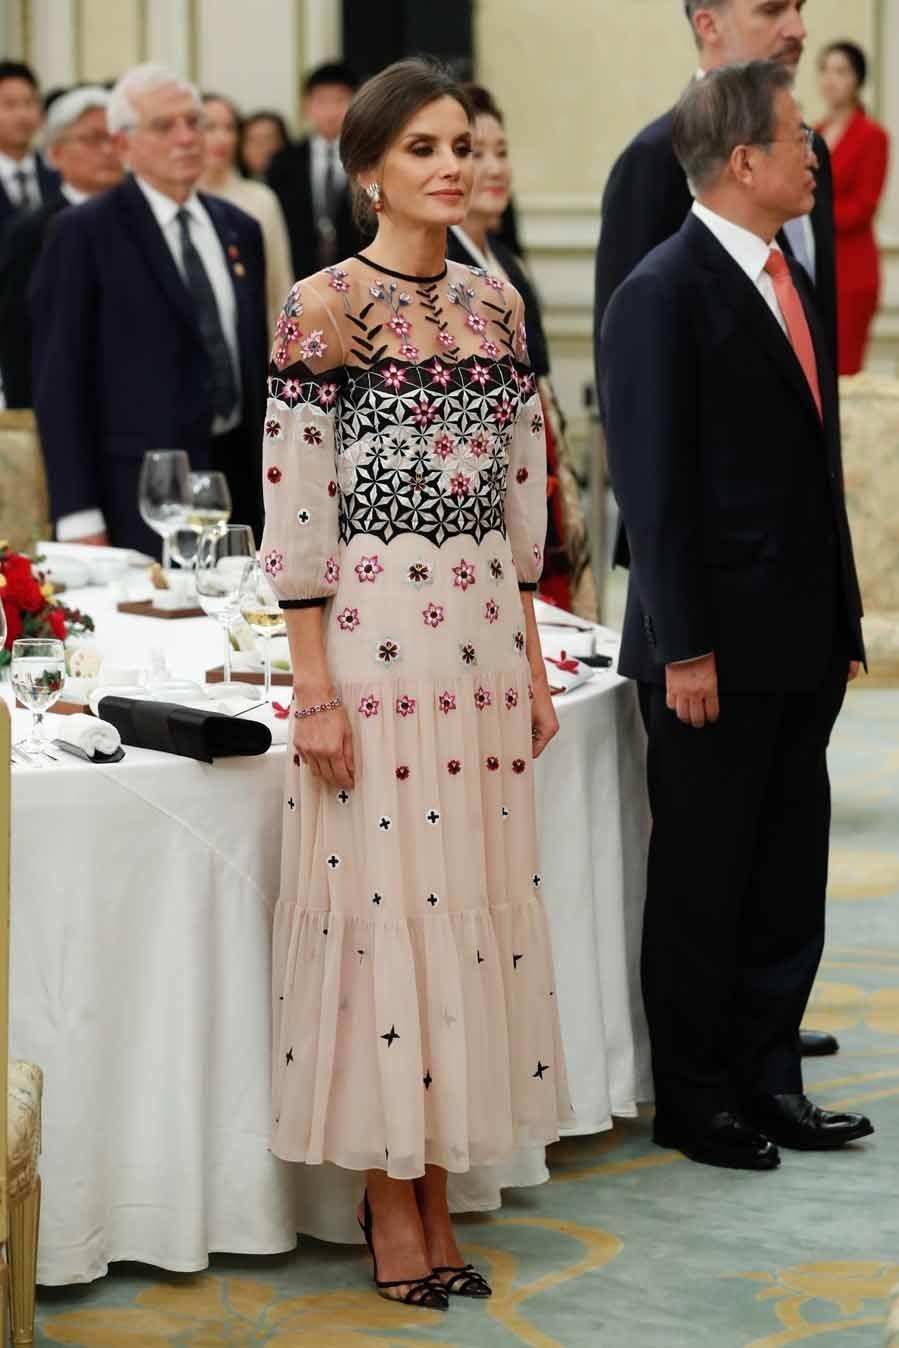 La Reina Letizia en su viaje de Estado a Corea del Sur - Cena de gala en Seúl